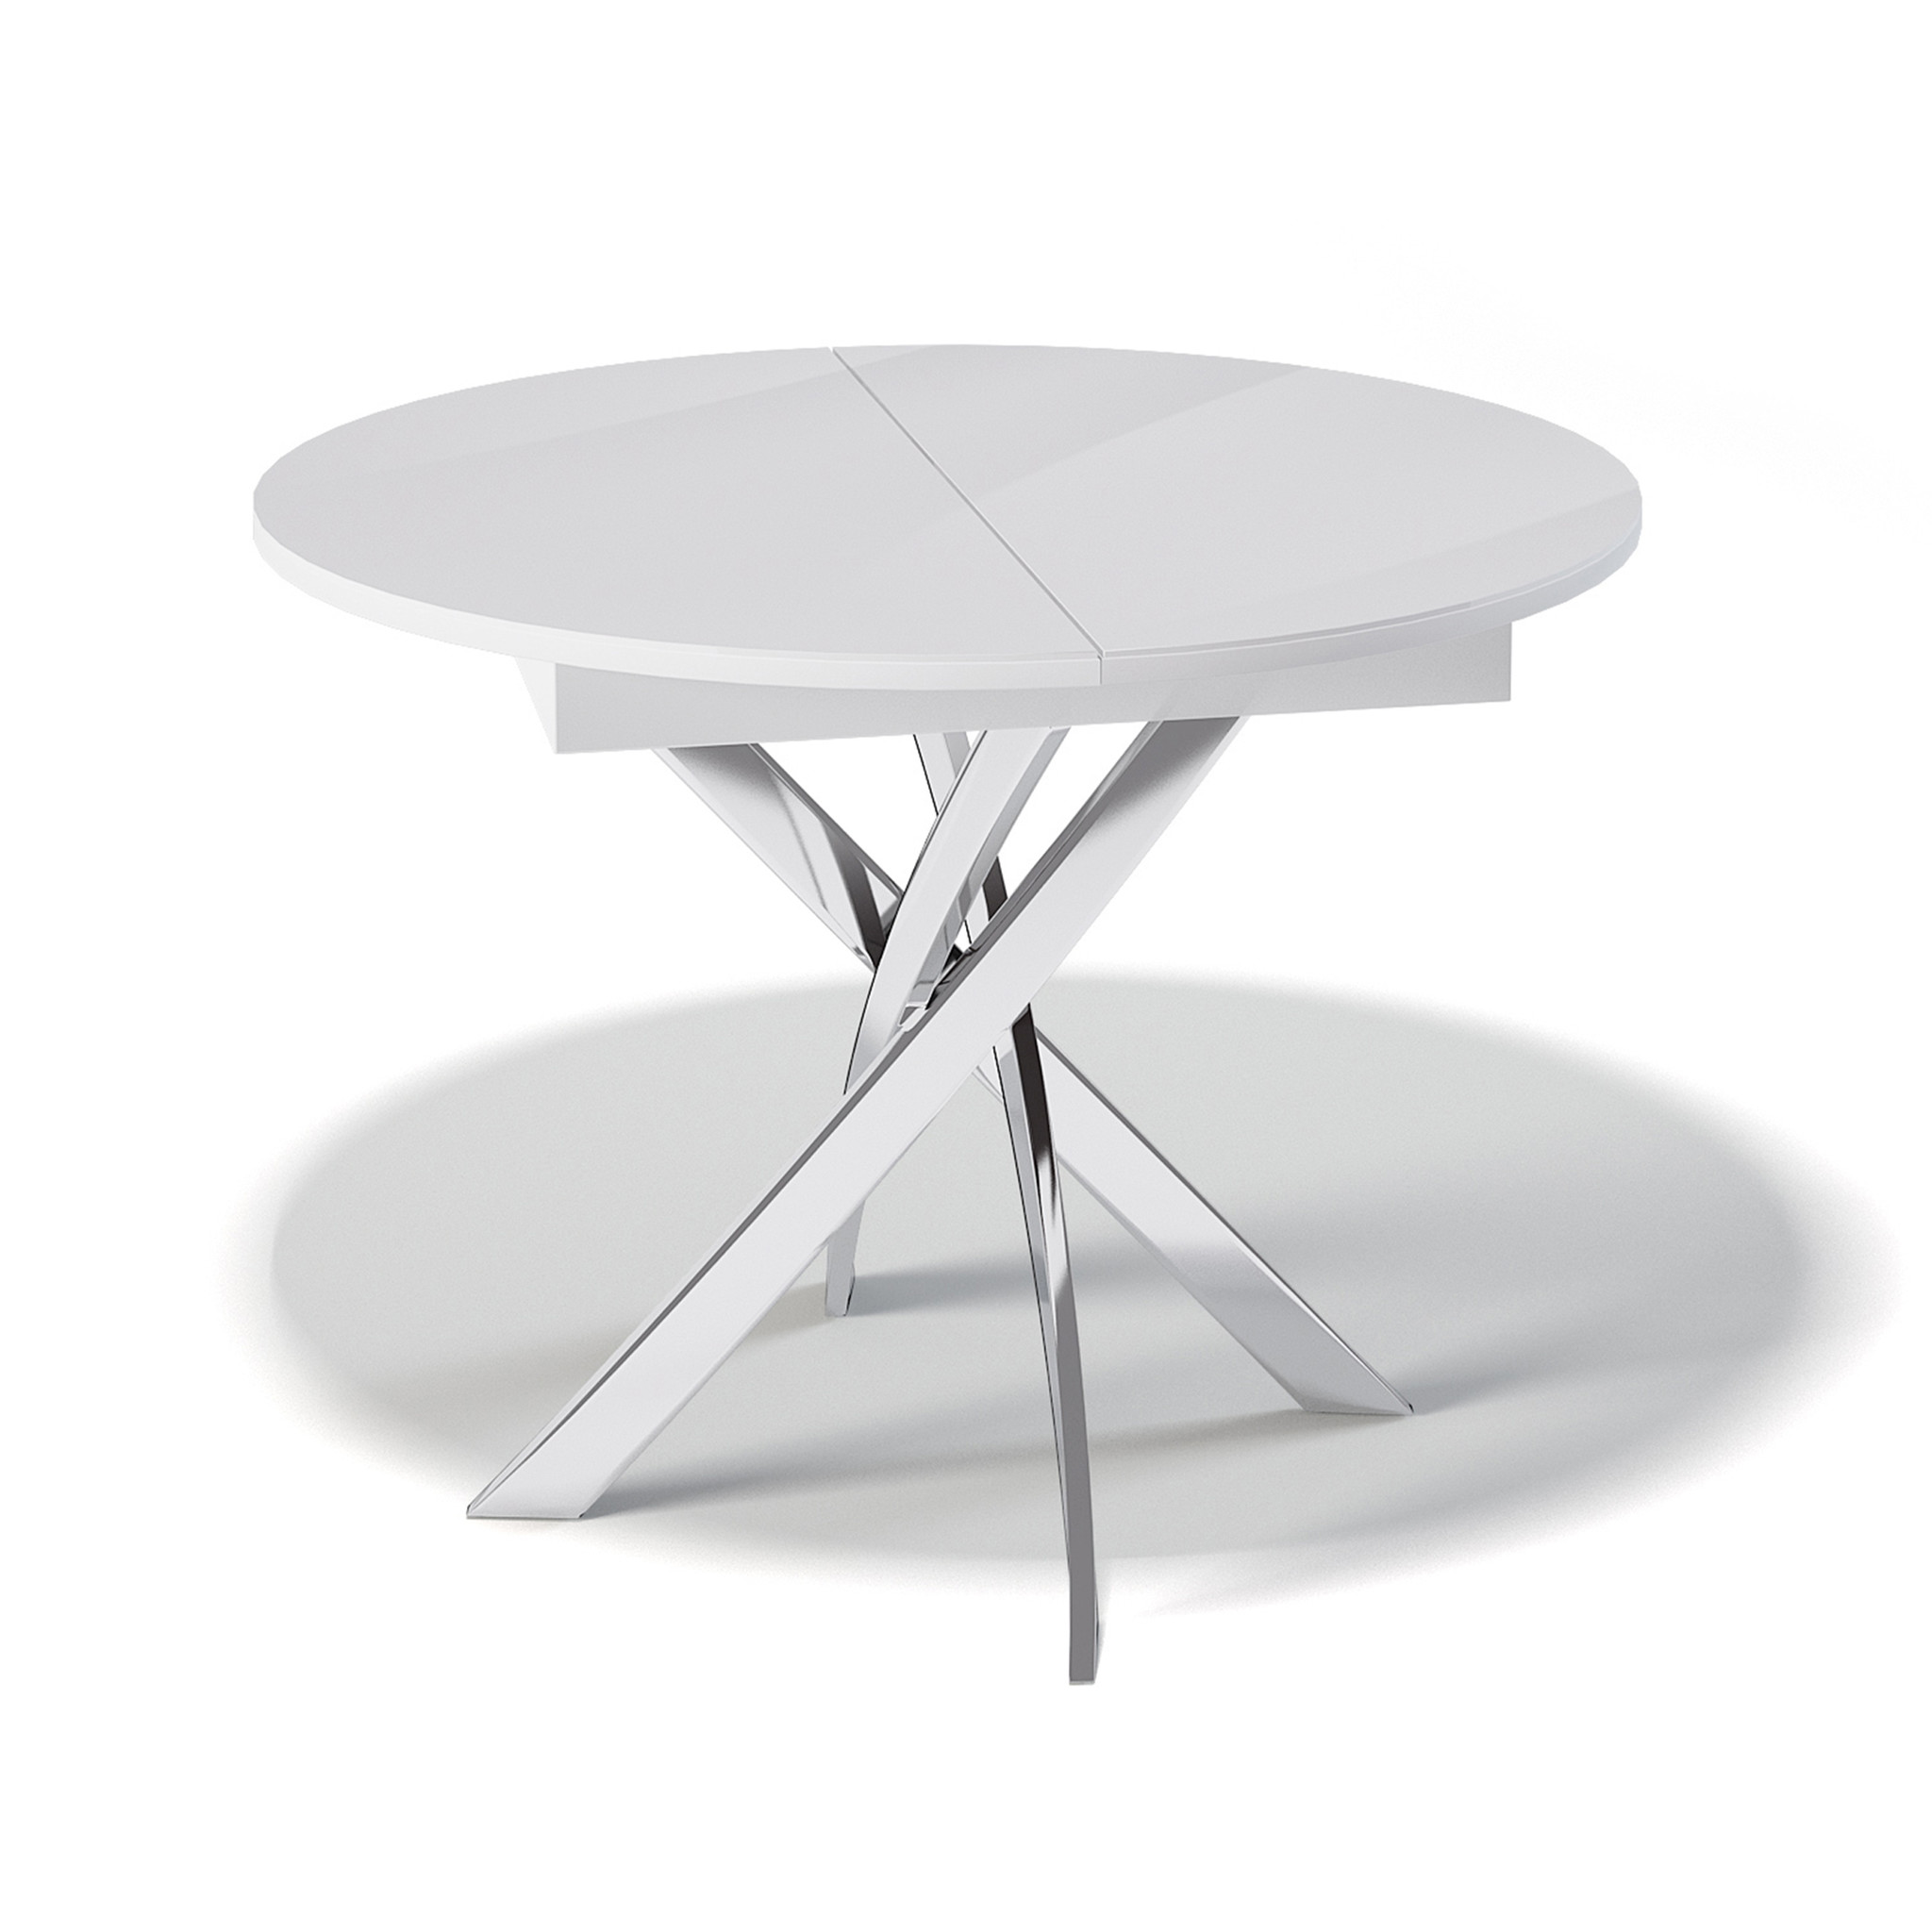 Стол обеденный KennerОбеденные столы<br>Ножки стола выполнены из хромированного металла, столешница - ДСП+стекло 4мм.&amp;amp;nbsp;&amp;lt;div&amp;gt;Механизм раскладки: синхронный, легкого скольжения.&amp;amp;nbsp;&amp;lt;/div&amp;gt;&amp;lt;div&amp;gt;На ножках установлены регулировочные винты.&amp;amp;nbsp;&amp;lt;/div&amp;gt;&amp;lt;div&amp;gt;&amp;lt;span style=&amp;quot;font-size: 14px;&amp;quot;&amp;gt;Фурнитура в комплекте.&amp;amp;nbsp;&amp;lt;/span&amp;gt;&amp;lt;/div&amp;gt;&amp;lt;div&amp;gt;&amp;lt;span style=&amp;quot;font-size: 14px;&amp;quot;&amp;gt;Стол раскладной,вставка &amp;quot;бабочка&amp;quot; со стеклом.&amp;amp;nbsp;&amp;lt;/span&amp;gt;&amp;lt;/div&amp;gt;&amp;lt;div&amp;gt;&amp;lt;span style=&amp;quot;font-size: 14px;&amp;quot;&amp;gt;Размер столешницы в разложенном виде: 145х100 см.&amp;lt;/span&amp;gt;&amp;lt;/div&amp;gt;<br><br>Material: Дерево<br>Высота см: 75